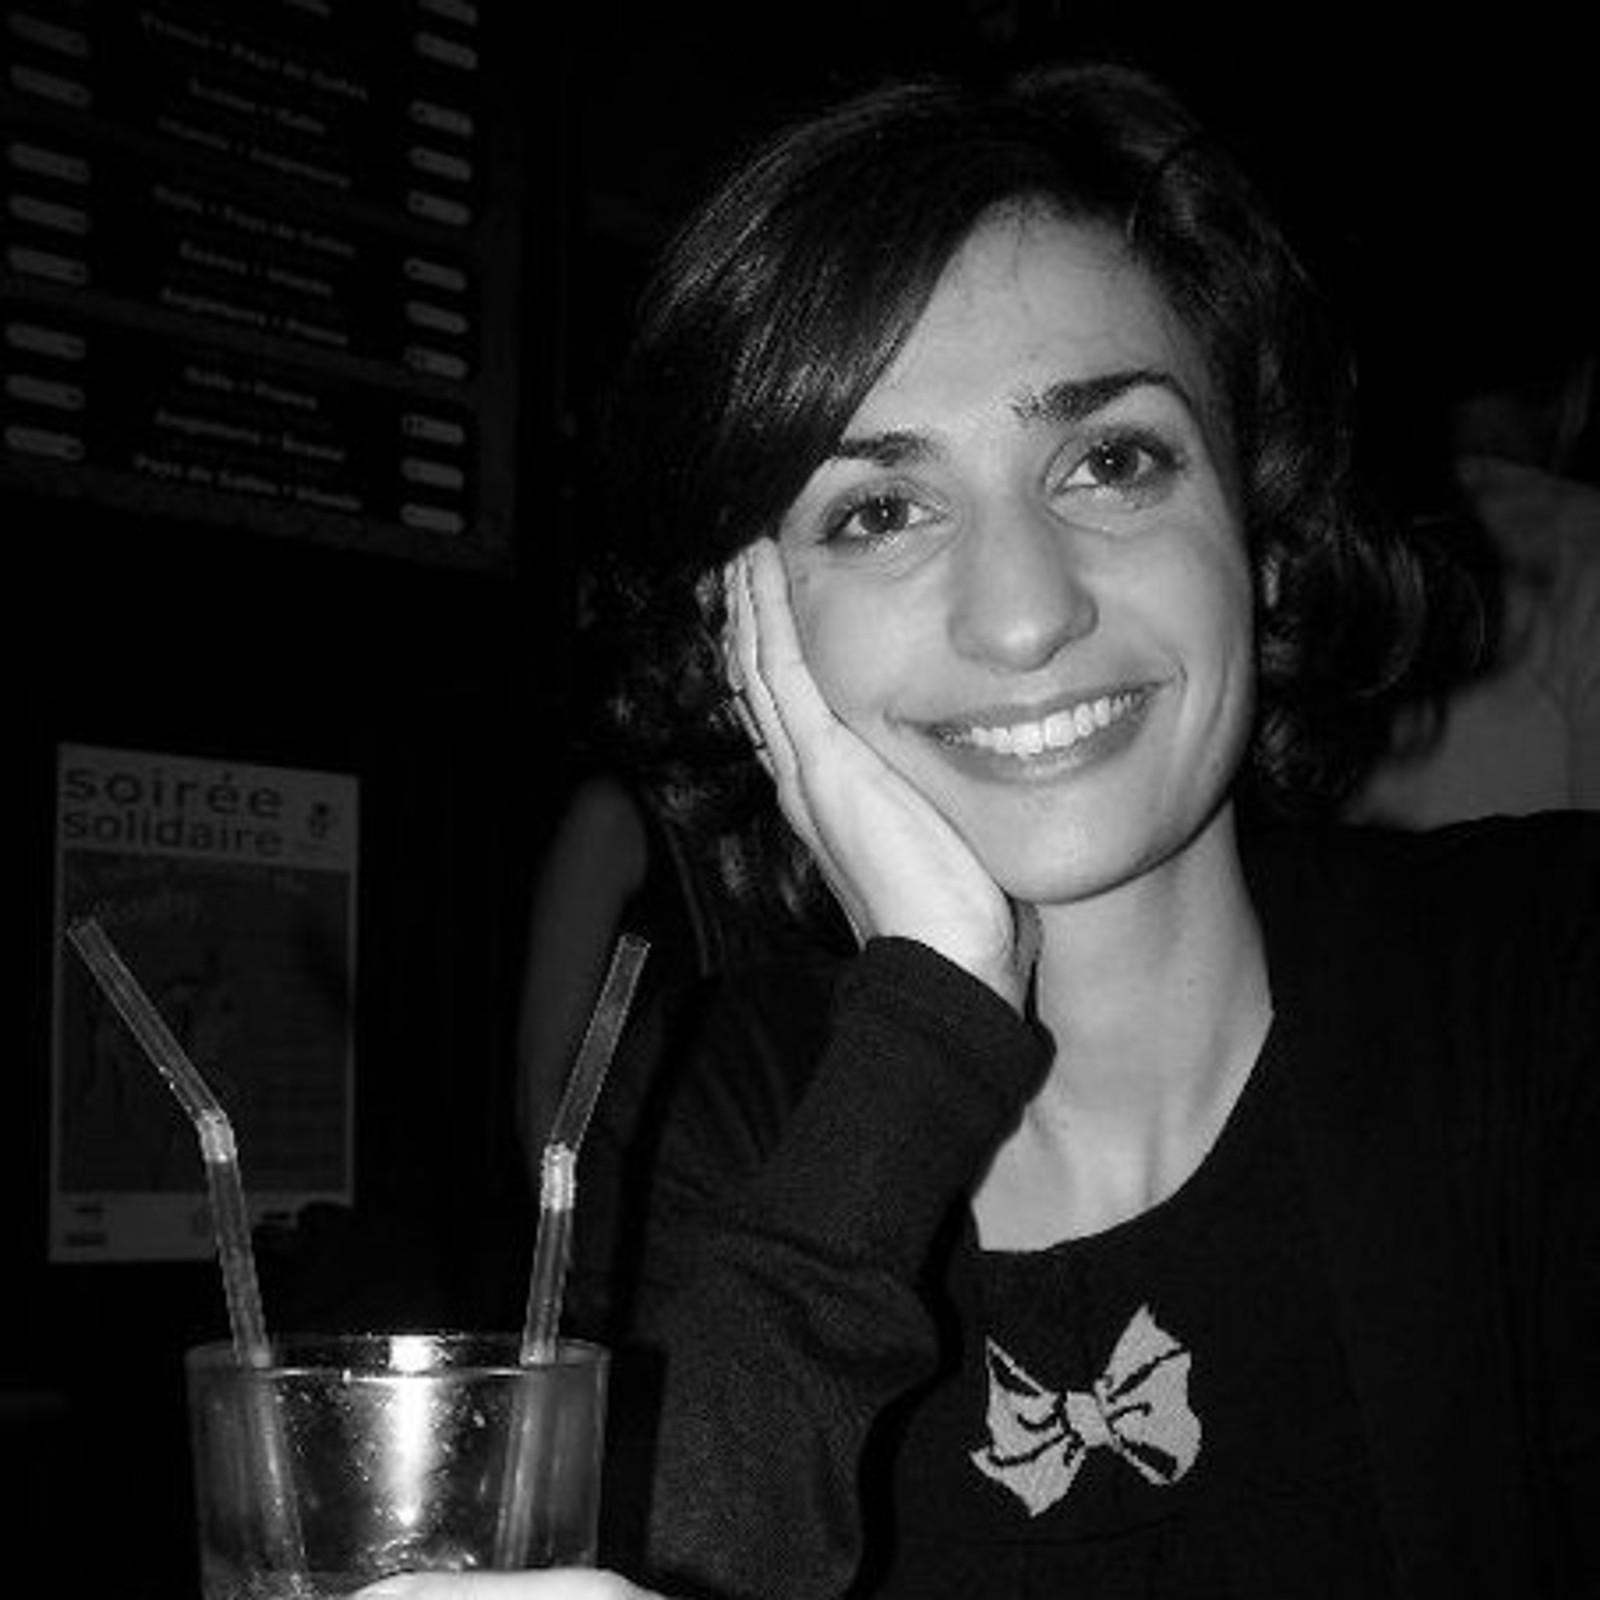 DREPT: Maud Serrault (37) var direktør for markedsføring hos hotellkjeden Best Western i Frankrike. Hun ble drept under konserten på Bataclan.